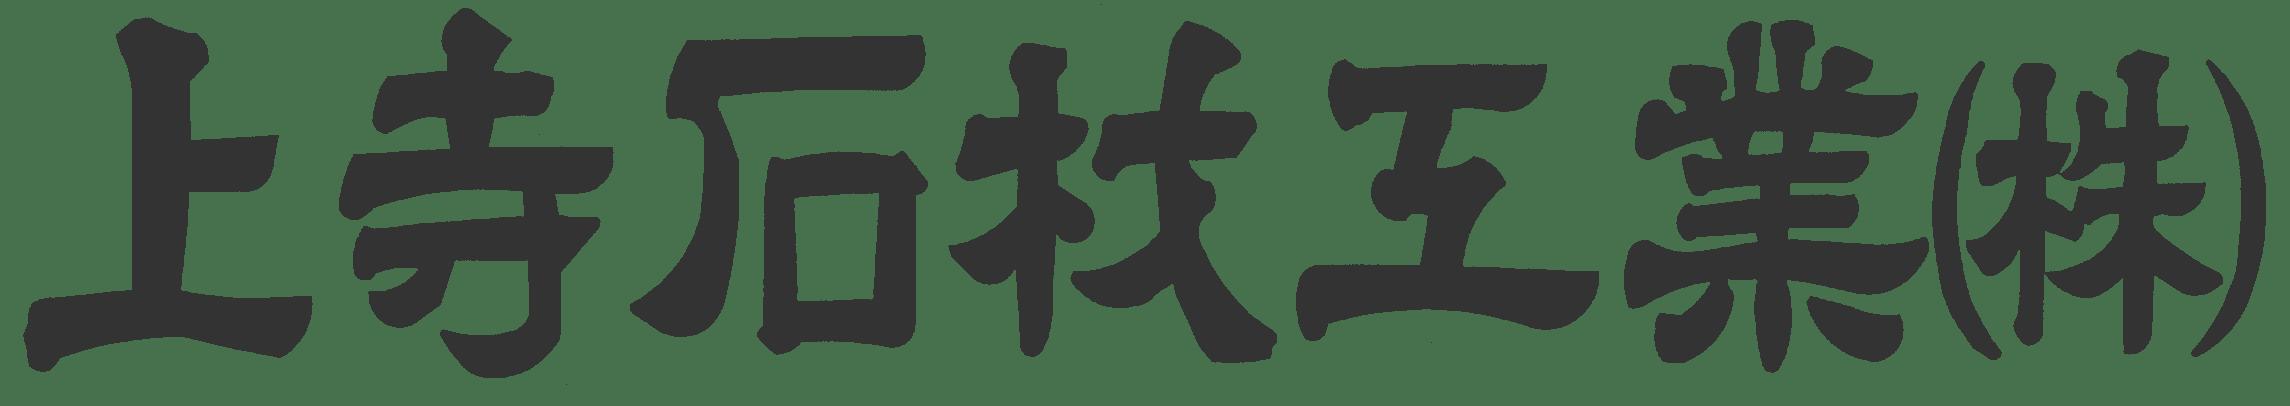 上寺石材工業株式会社